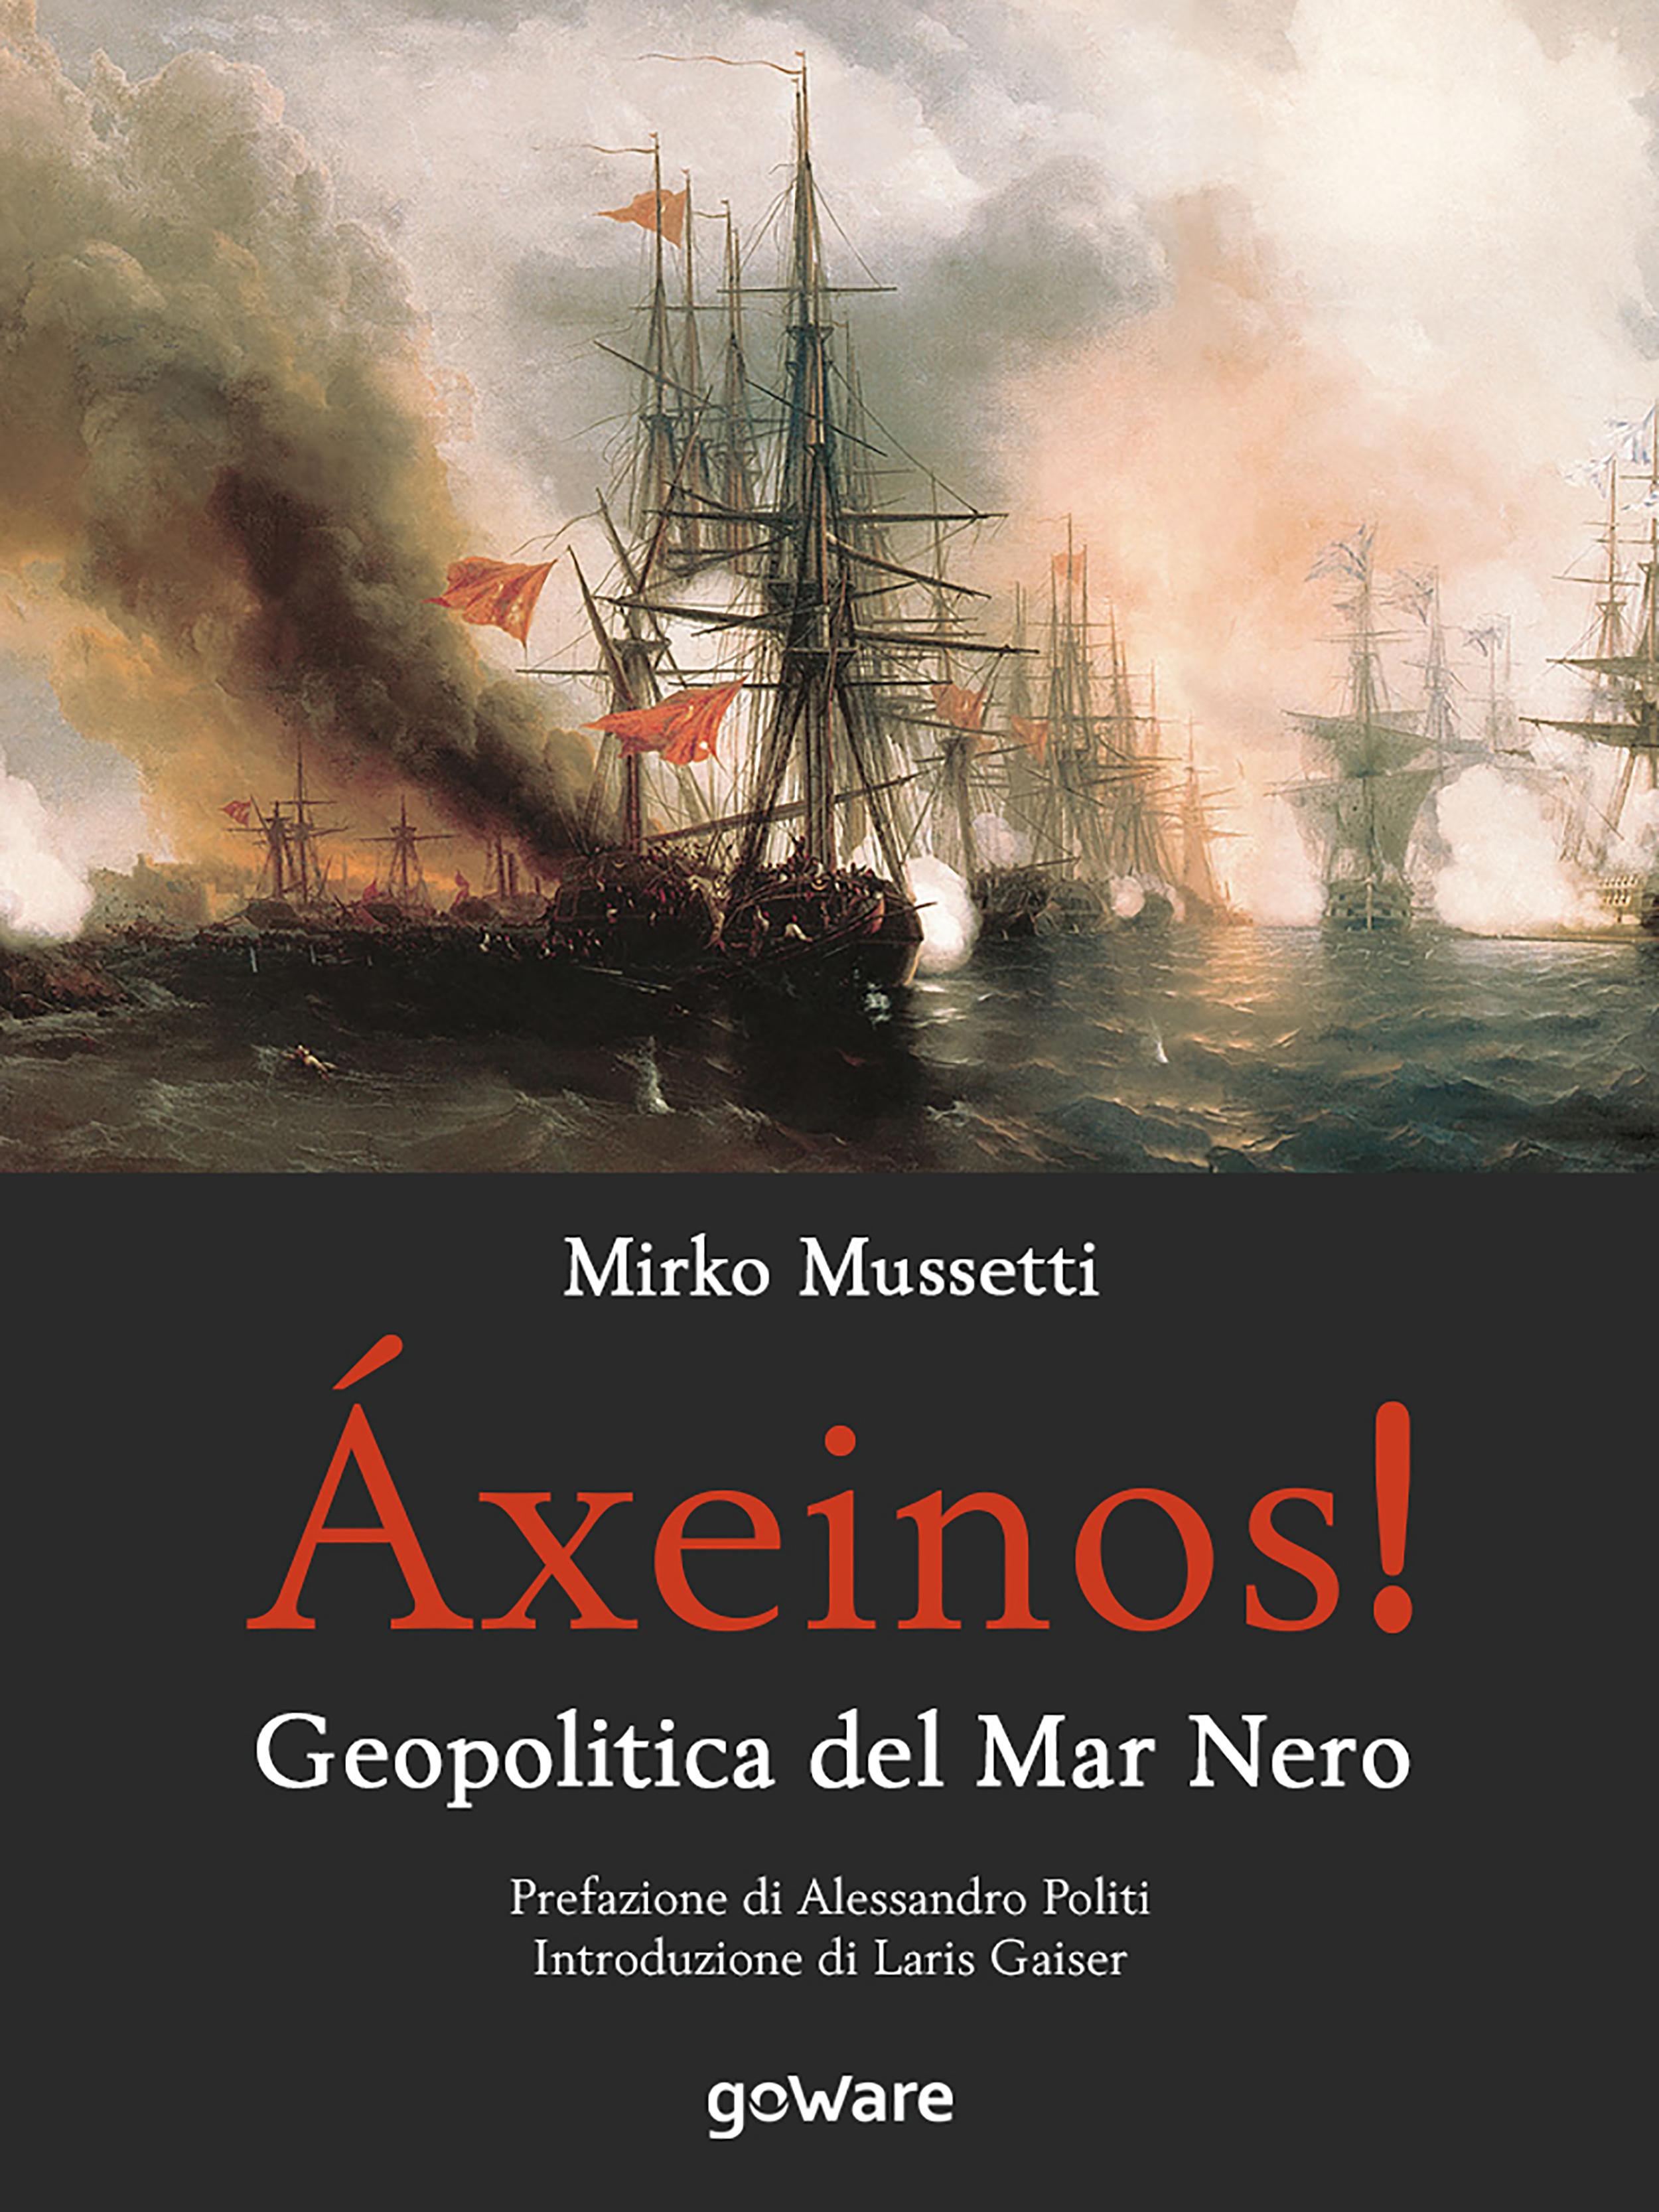 Áxeinos! Geopolitica del Mar Nero